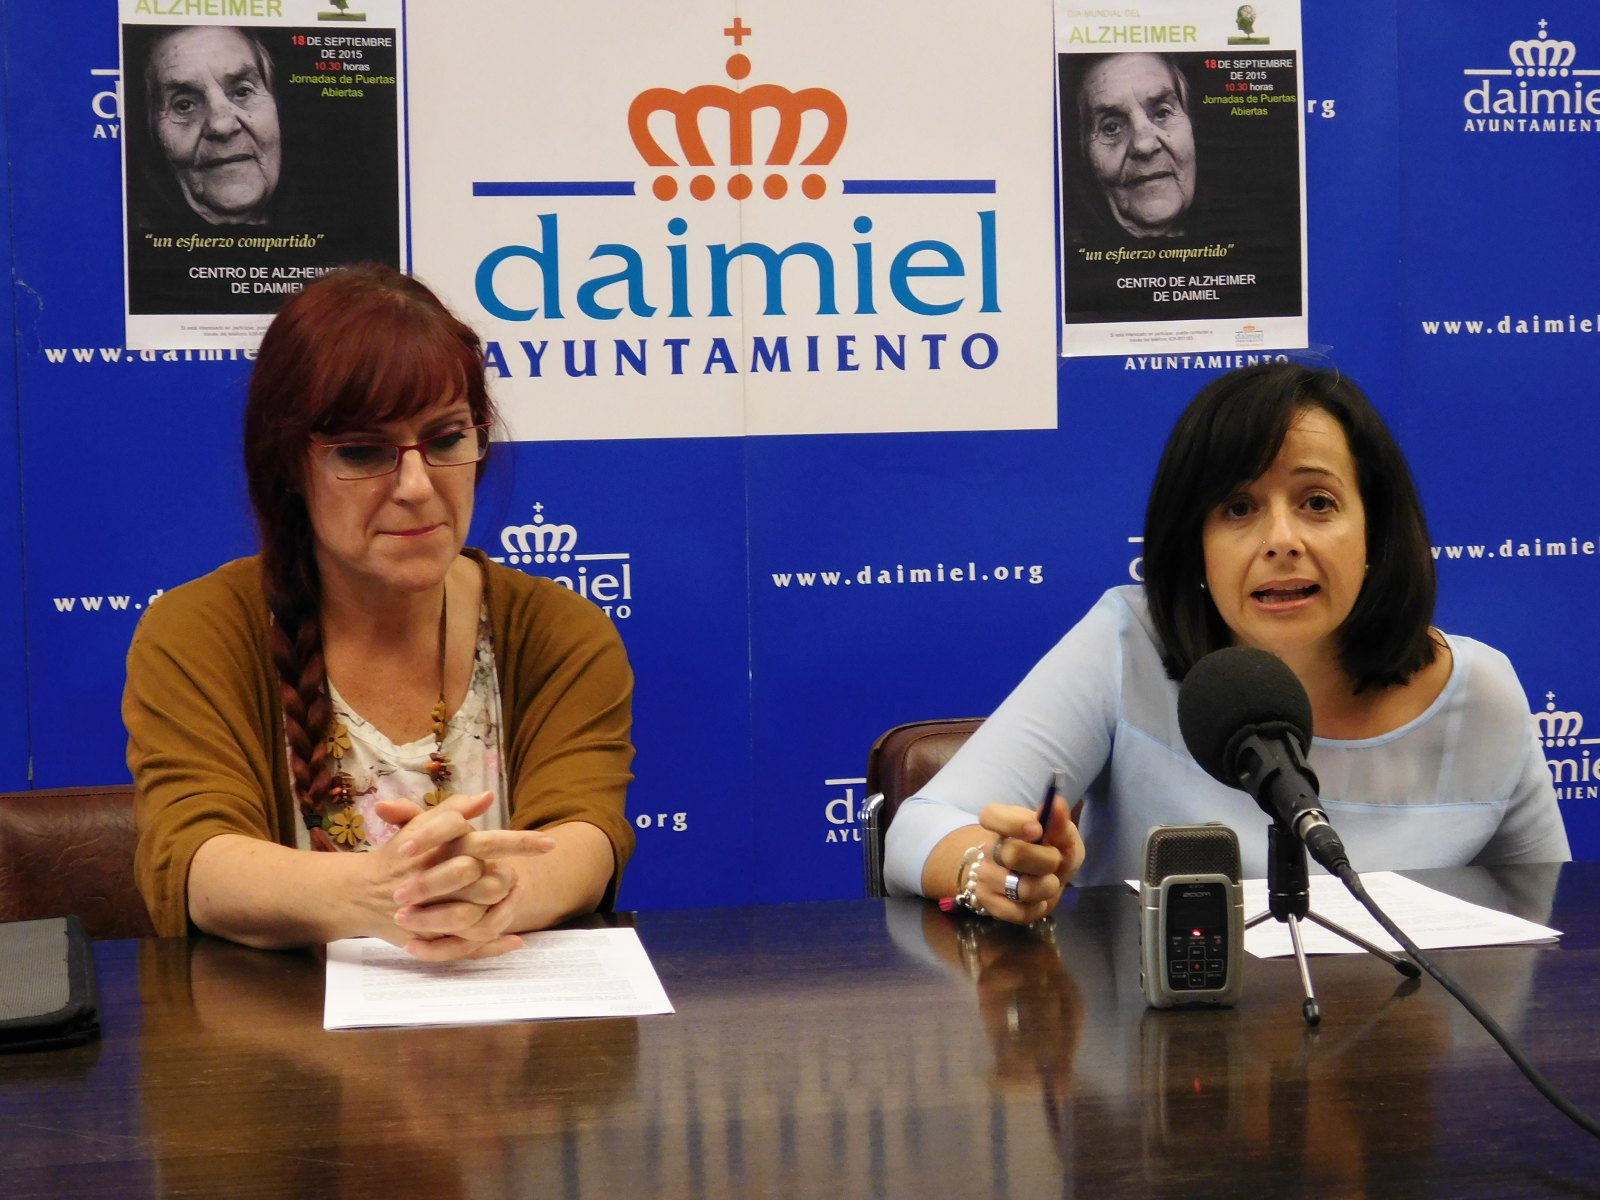 Jornada de puertas abiertas en el Centro de Alzheimer de Daimiel